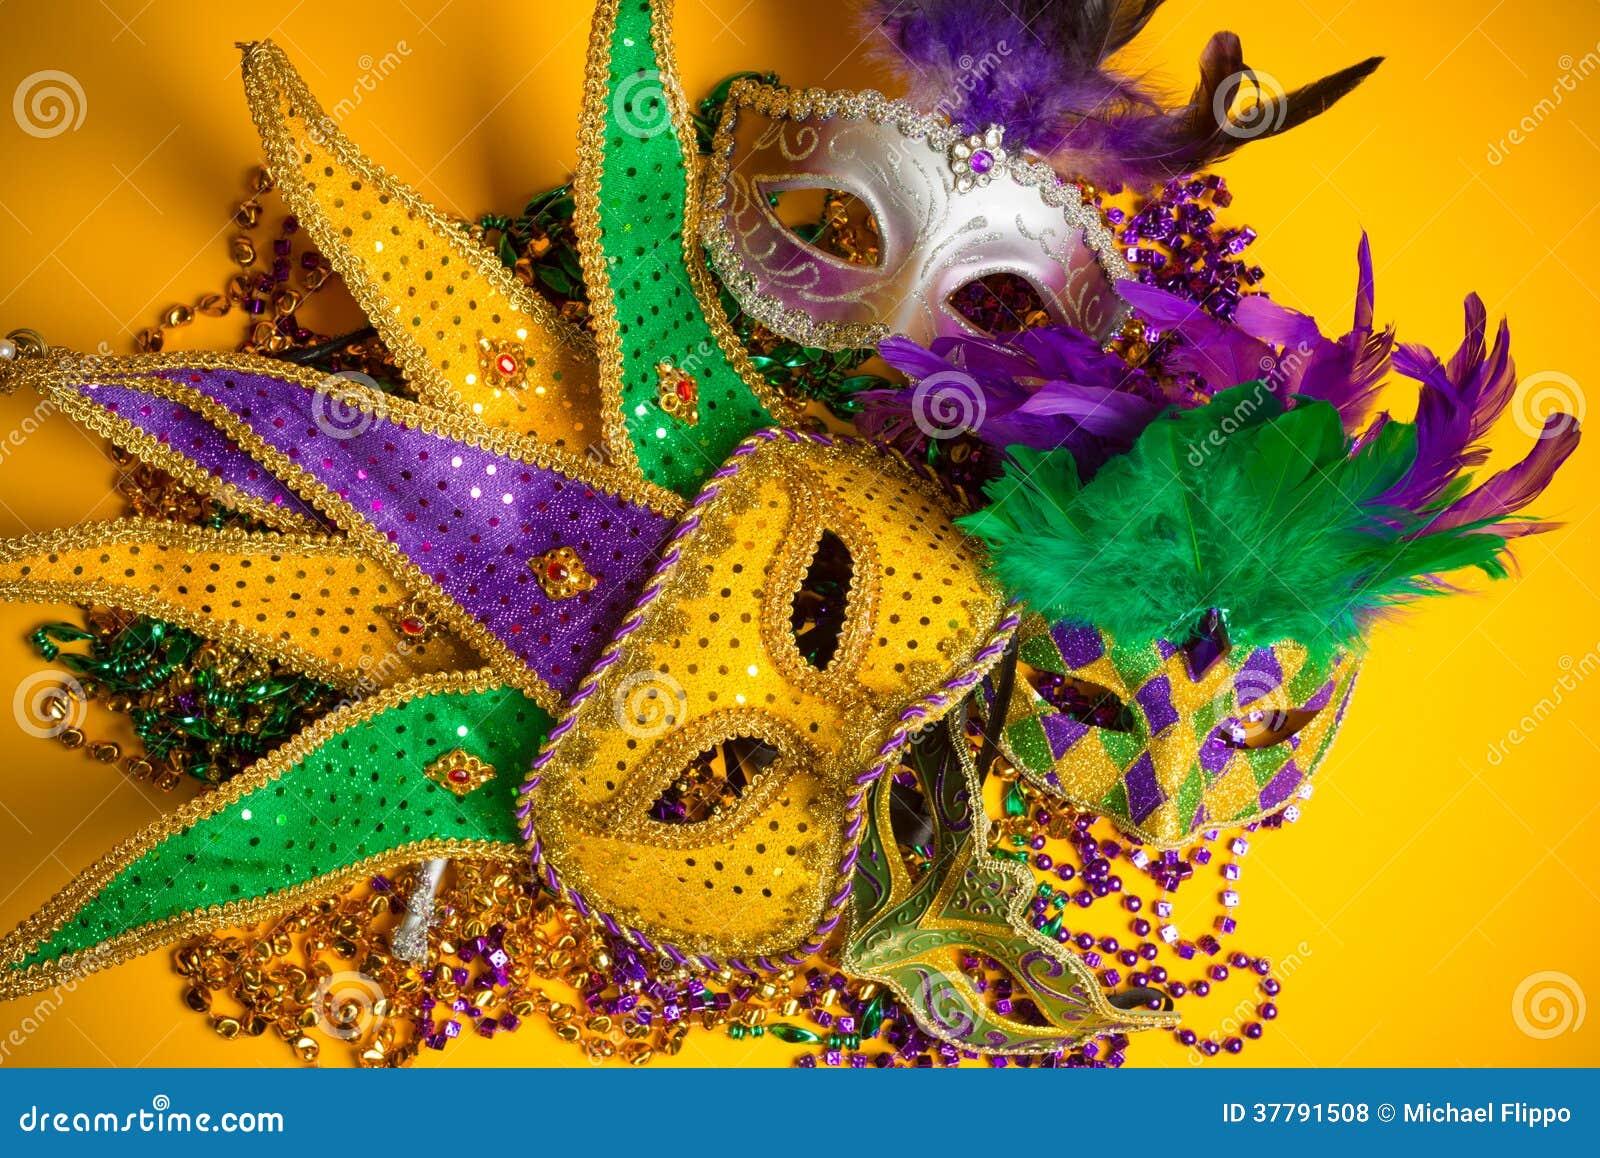 Grupo Colorido De Mardi Gras O De Máscaras Venecianas Foto de ...